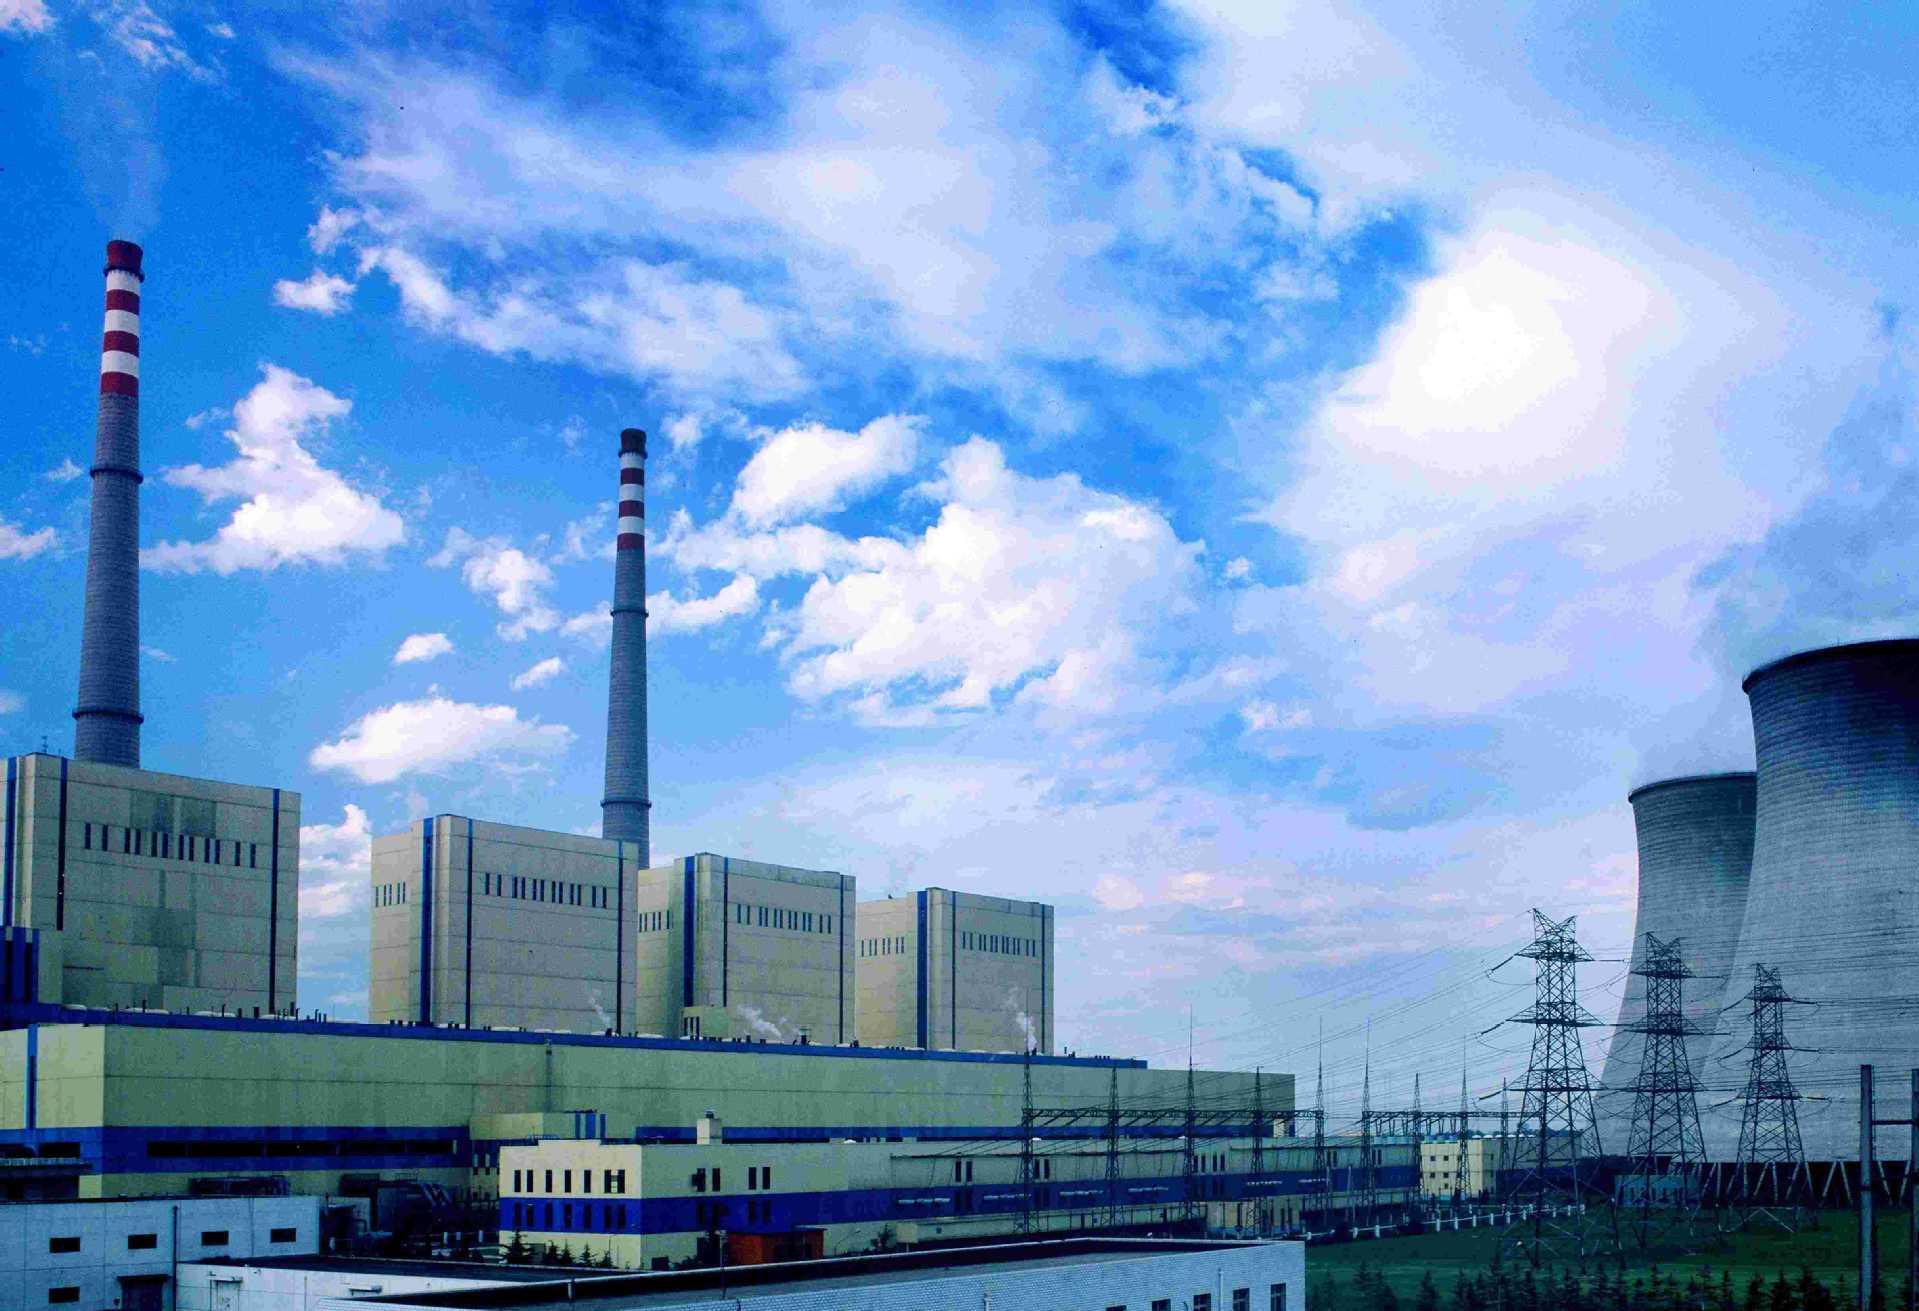 以生物质成型燃料为核心动力的分布式能源,节能环保,利国